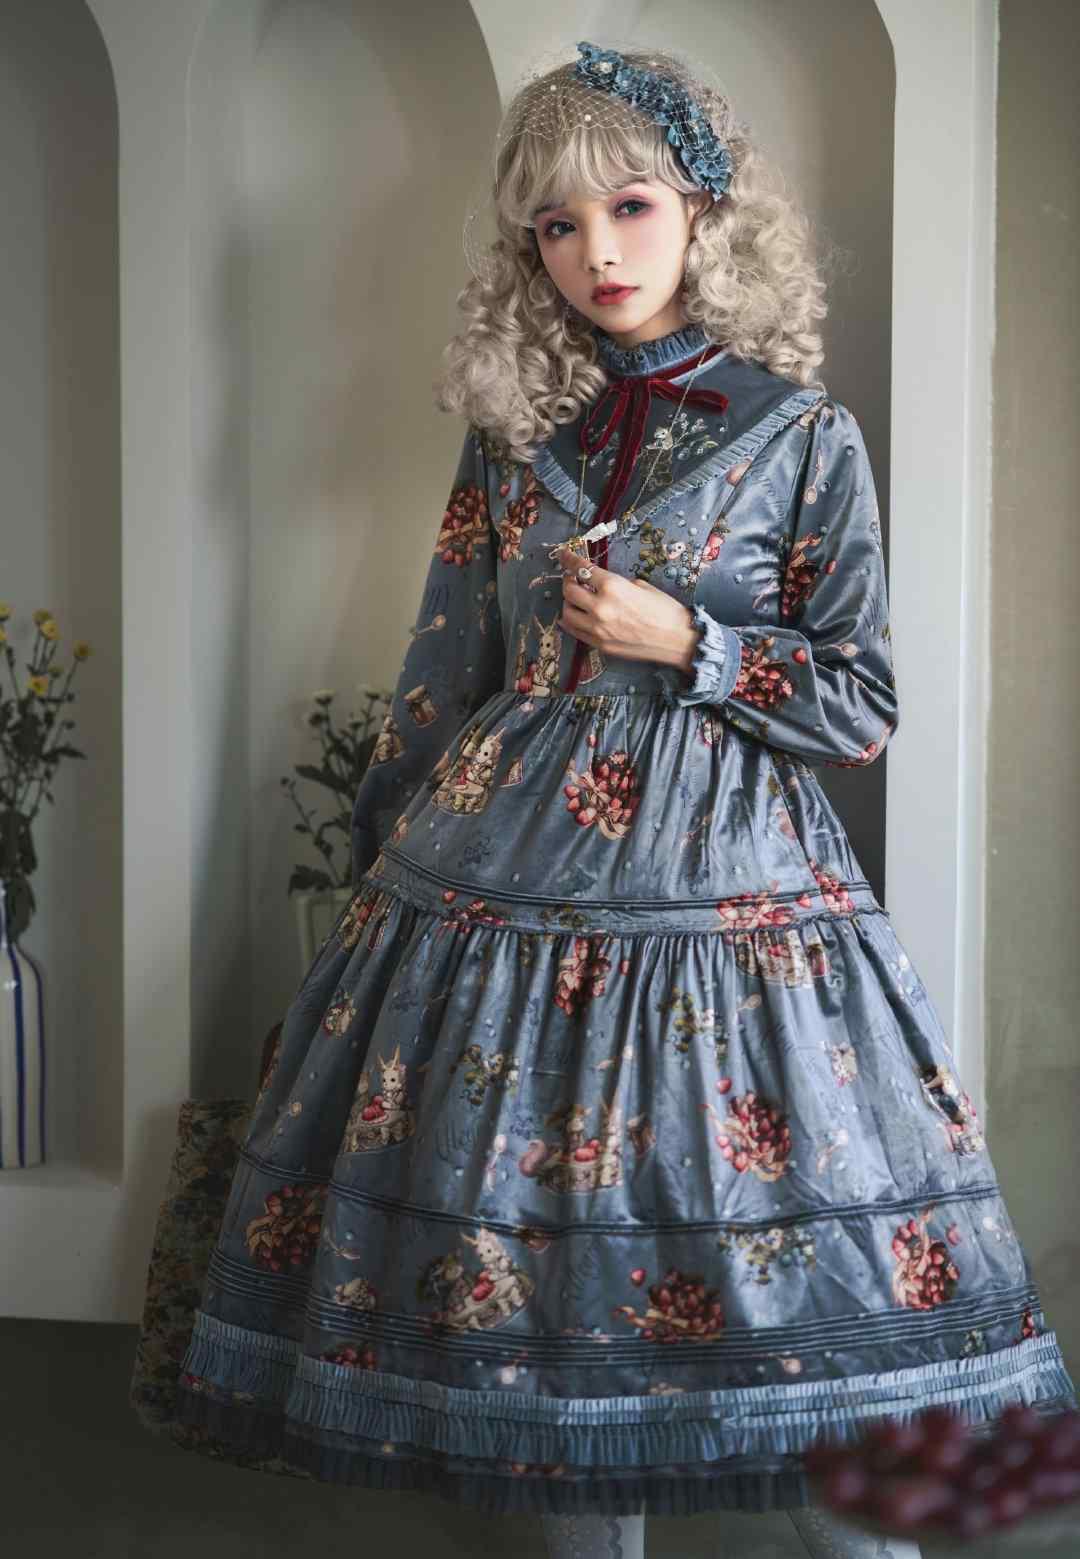 lolita什么意思 lo警什么意思什么梗? 部分态度较极端的lolita服饰爱好者的称呼了解一下